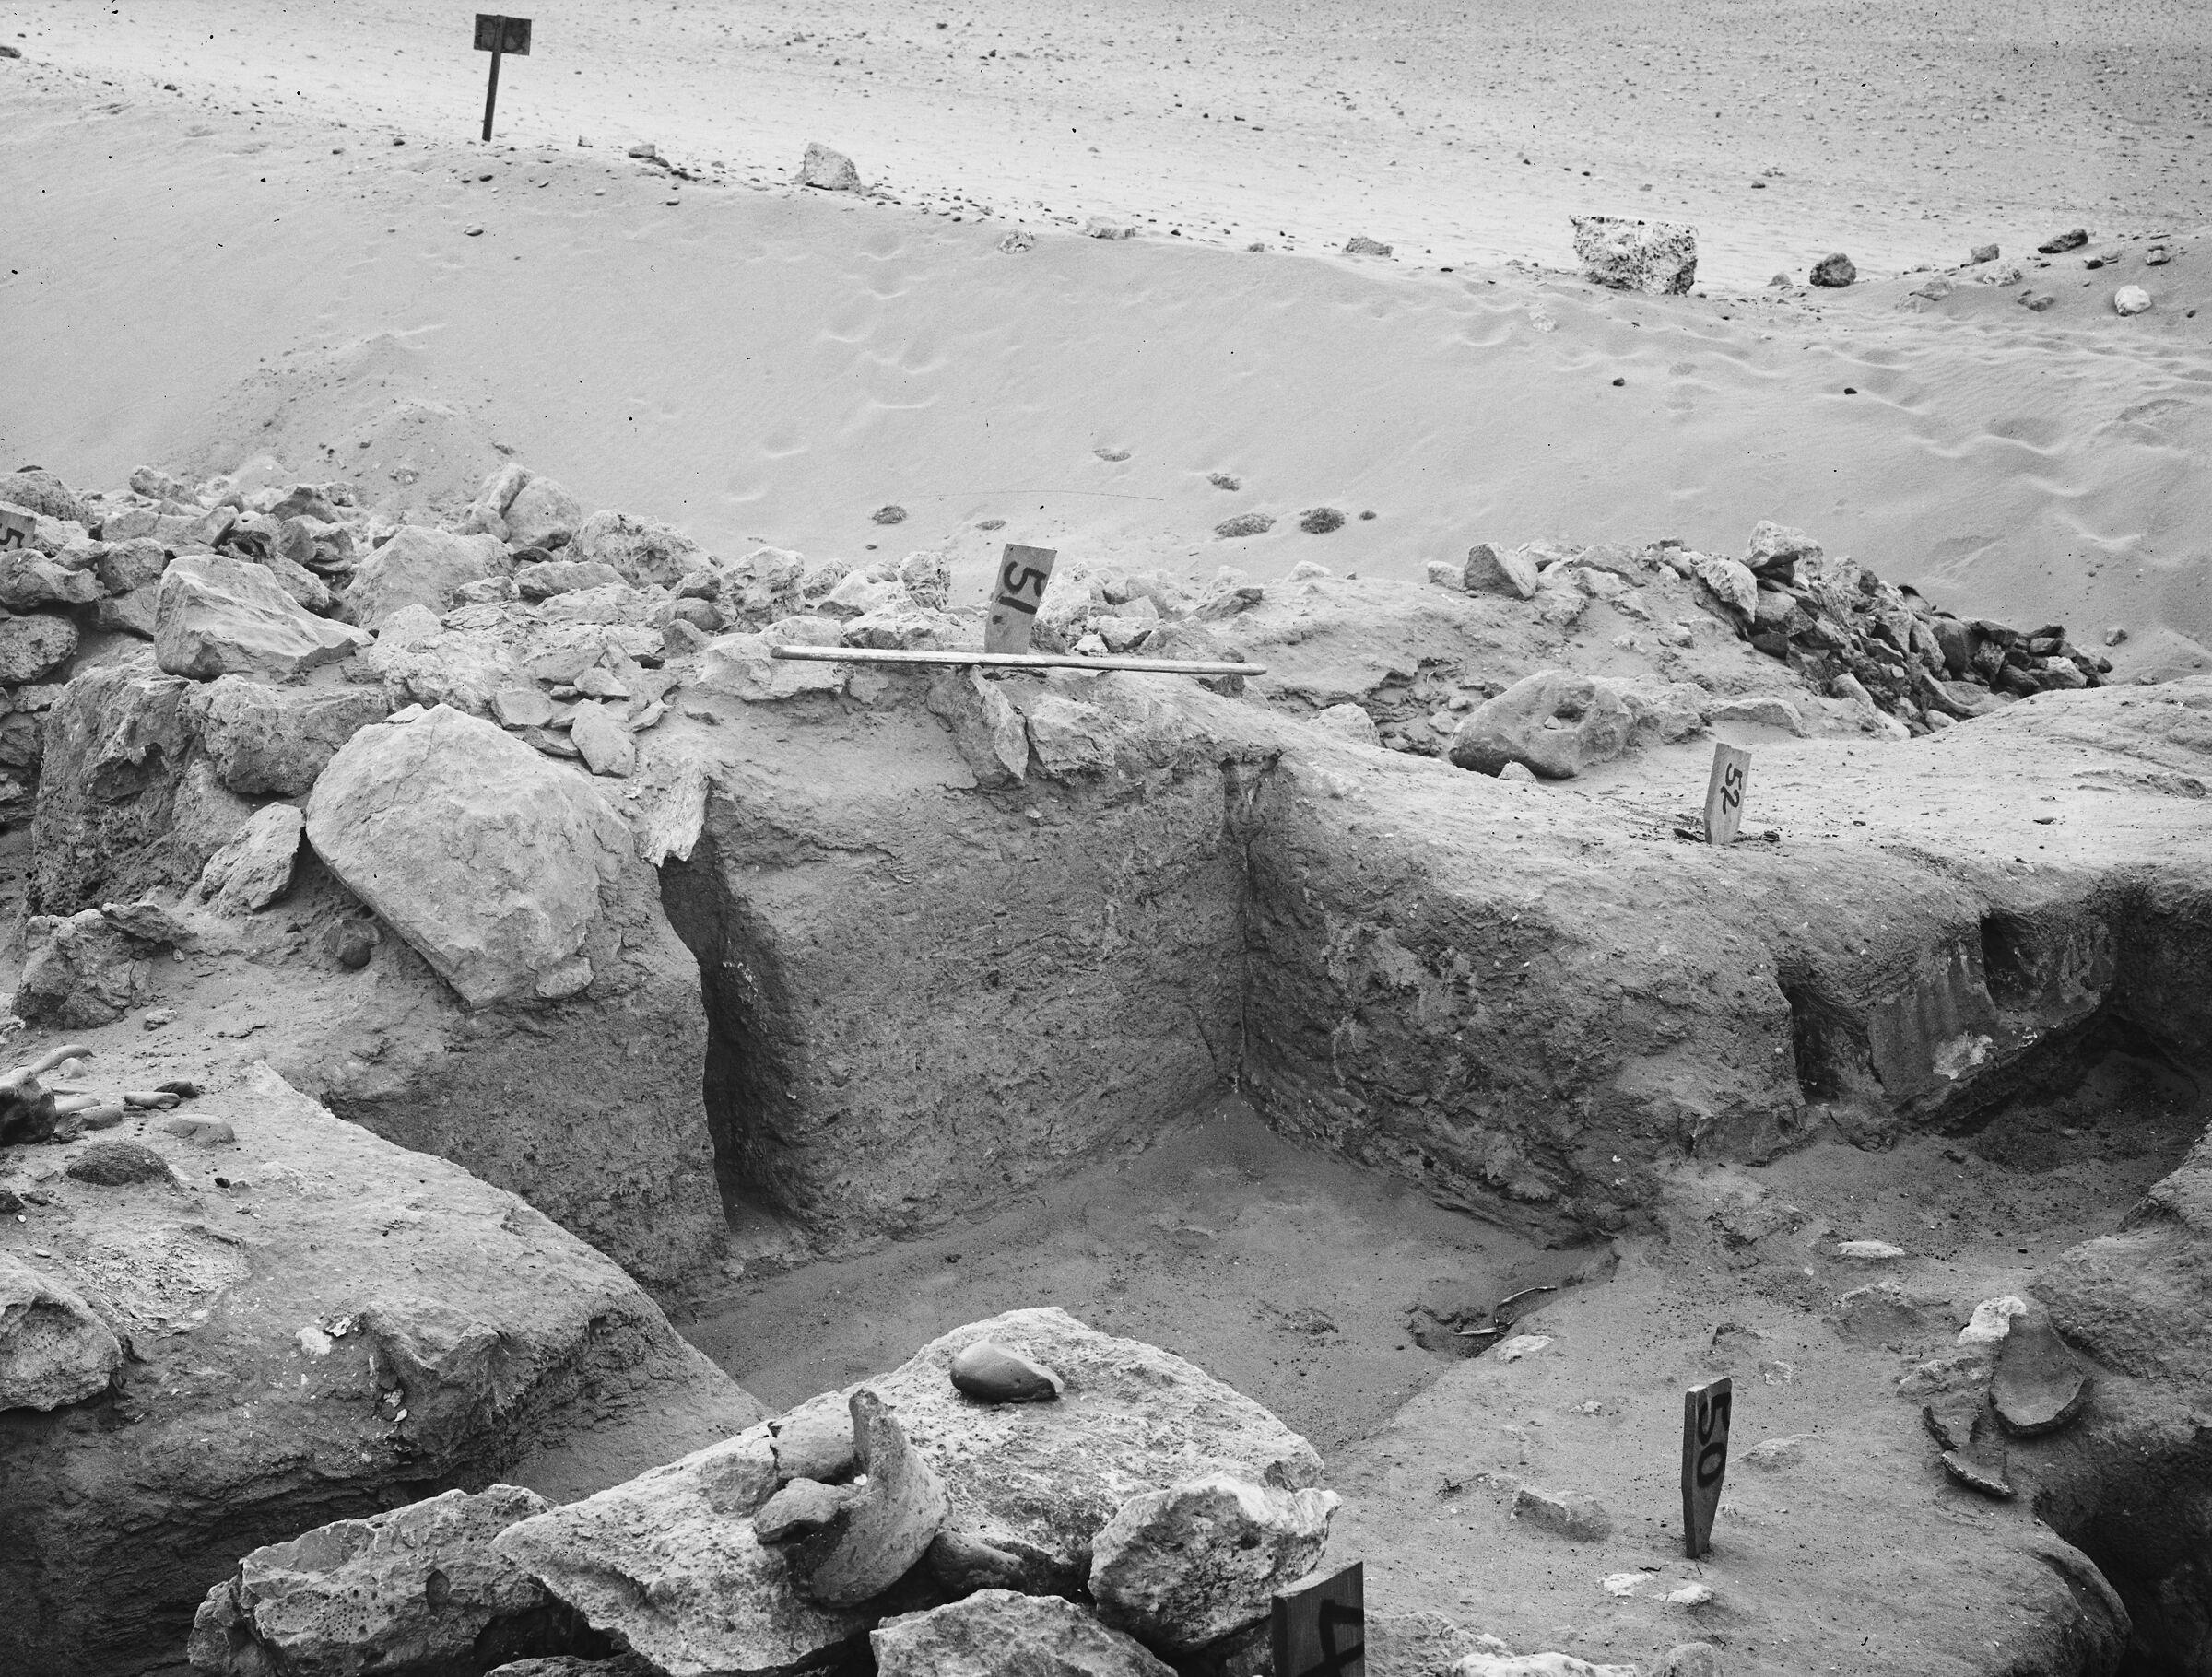 Wadi Cemetery (Reisner; north of W. Cem): Site: Giza; View: GW 48, GW 49, GW 50, GW 51, GW 52